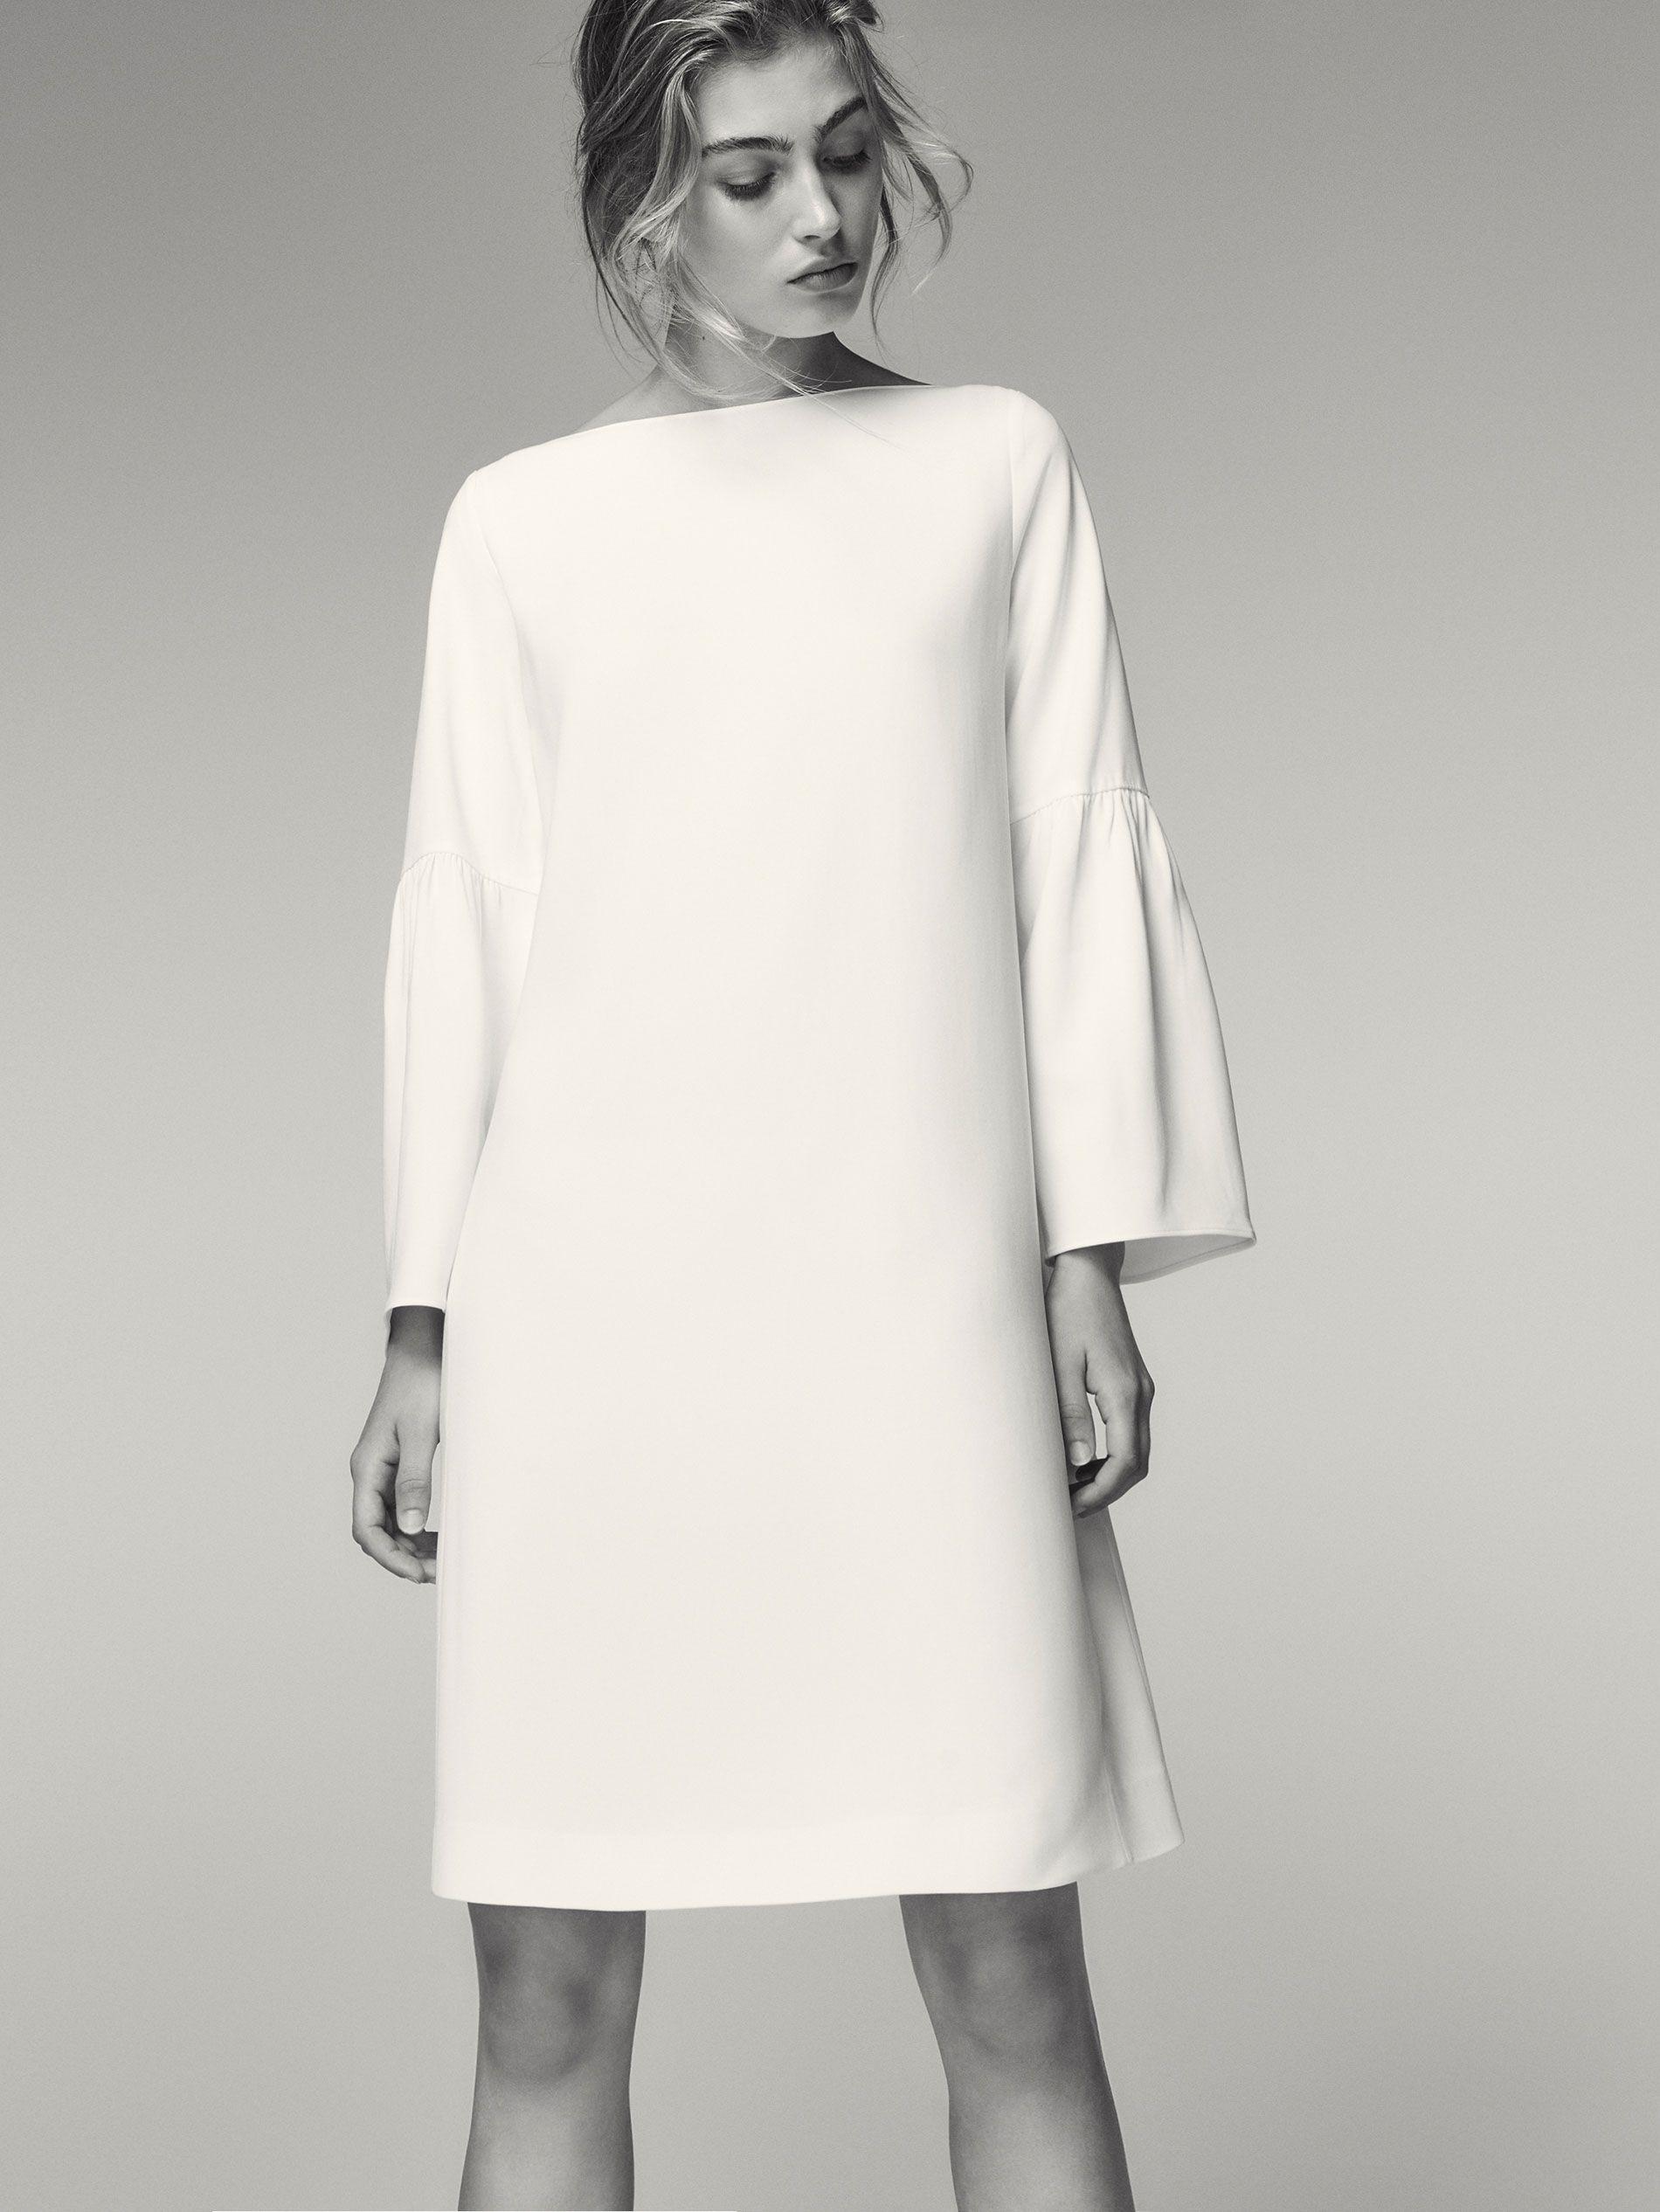 15 Top Kleid Herbst Bester Preis Elegant Kleid Herbst Spezialgebiet